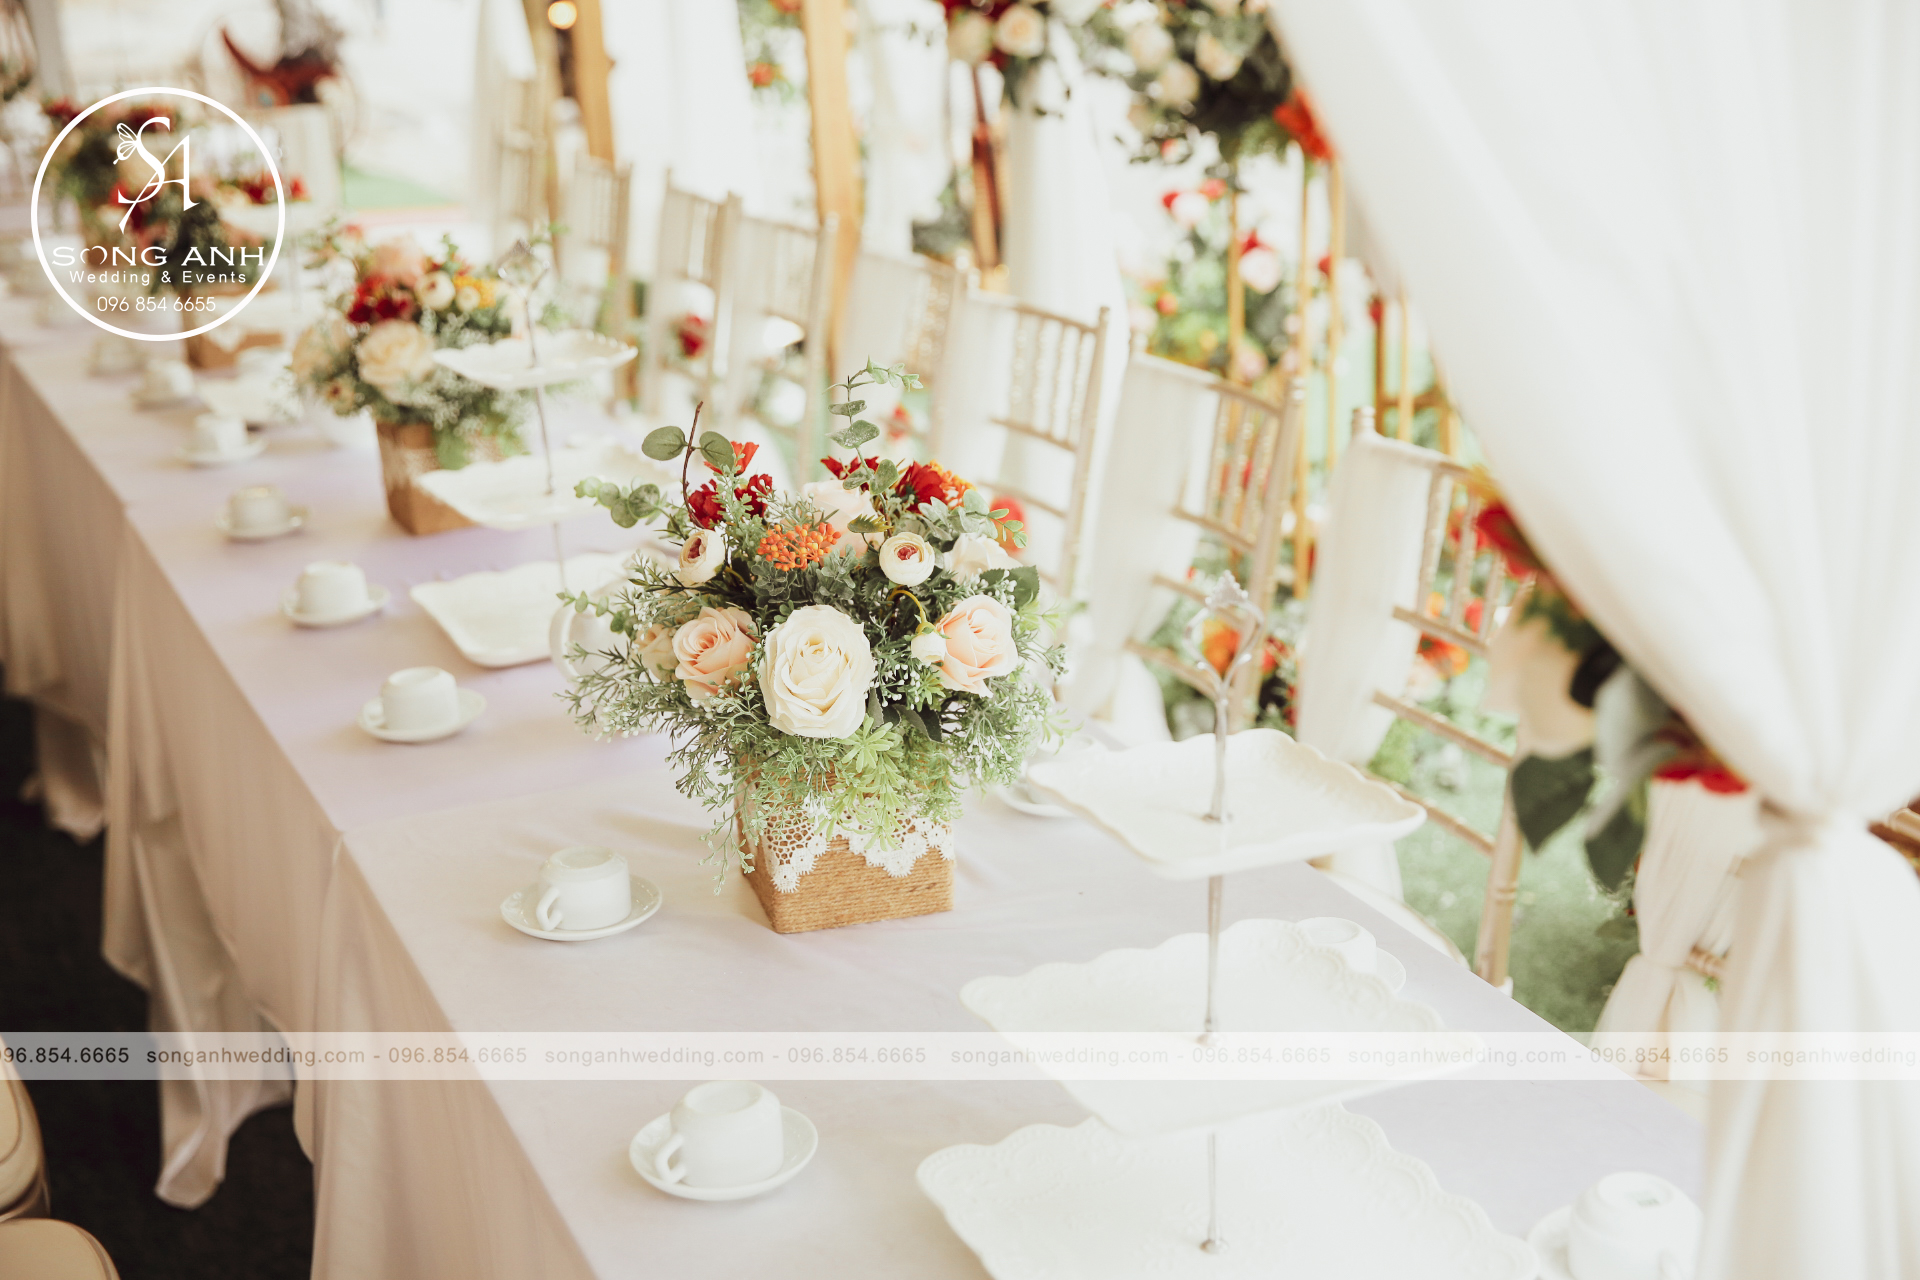 rạp đám cưới tư gia đẹp nhất năm 2020